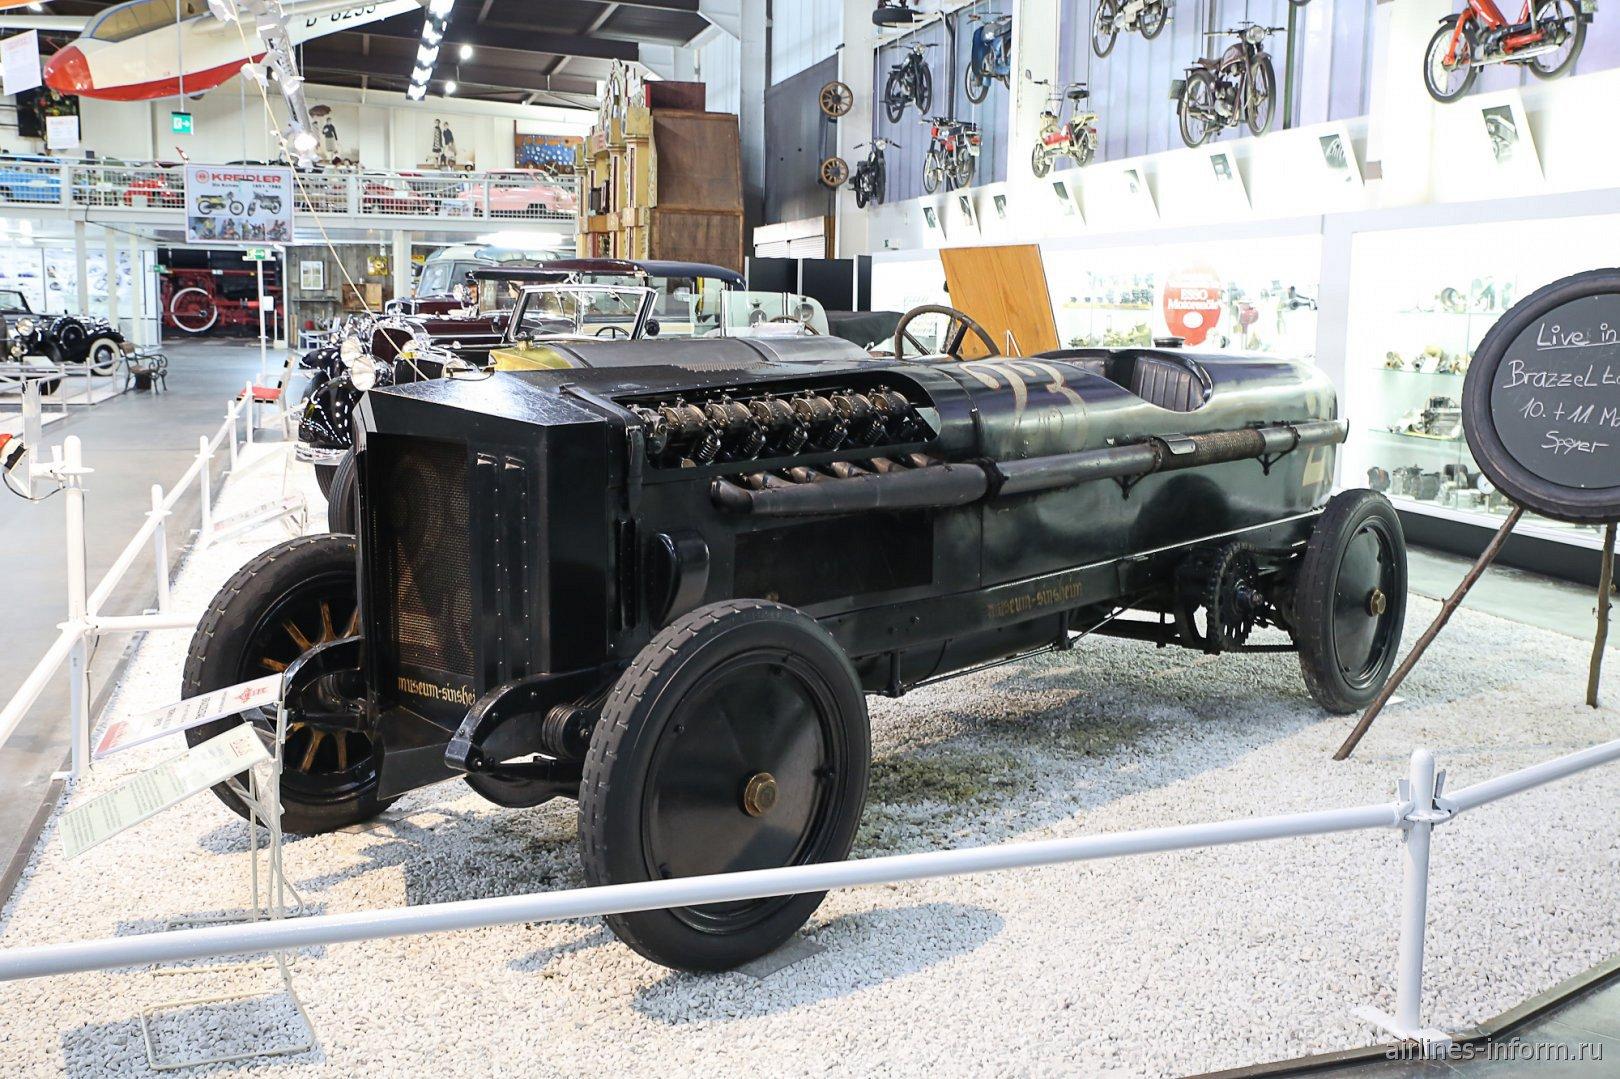 Автомобиль Брутус в музее техники в Зинсхайме